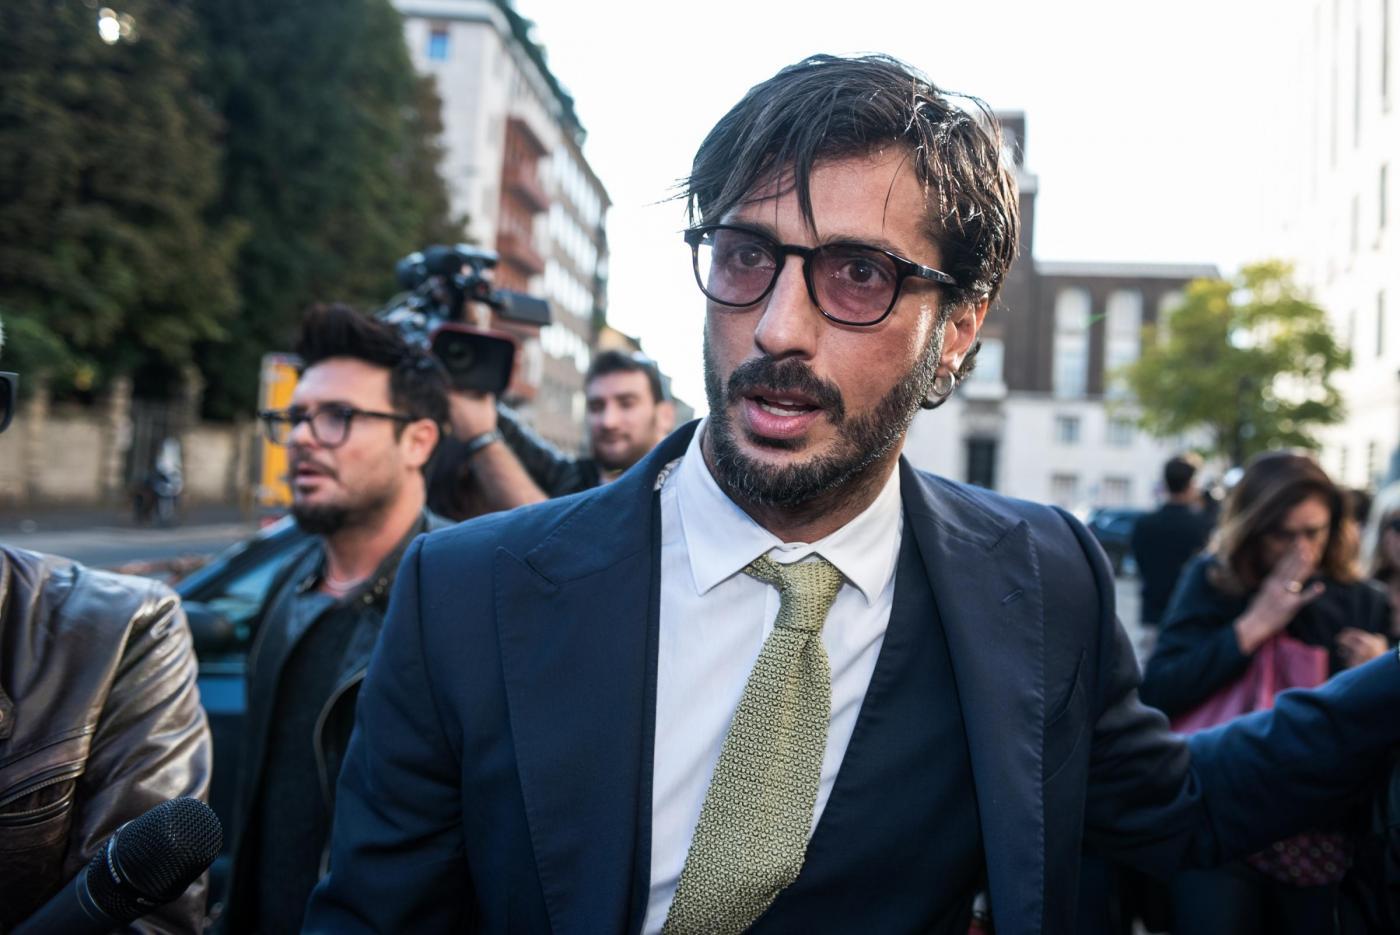 Fabrizio Corona ha aggredito una giornalista in un negozio d'abbigliamento di Monza?